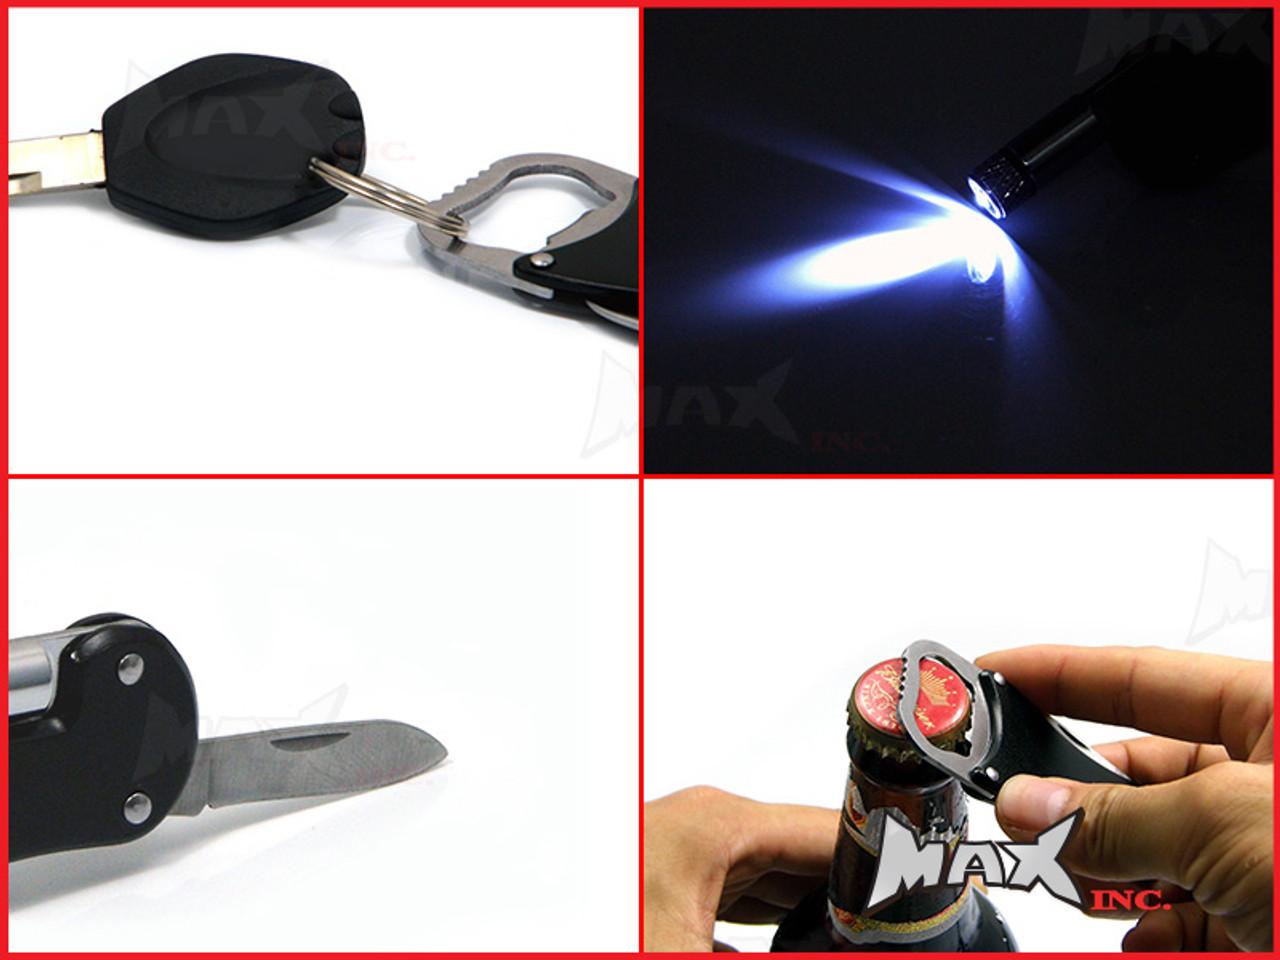 DODGE RAM 3500 - Lasered Logo Keyring / Pocket Knife / LED Torch / Bottle Opener